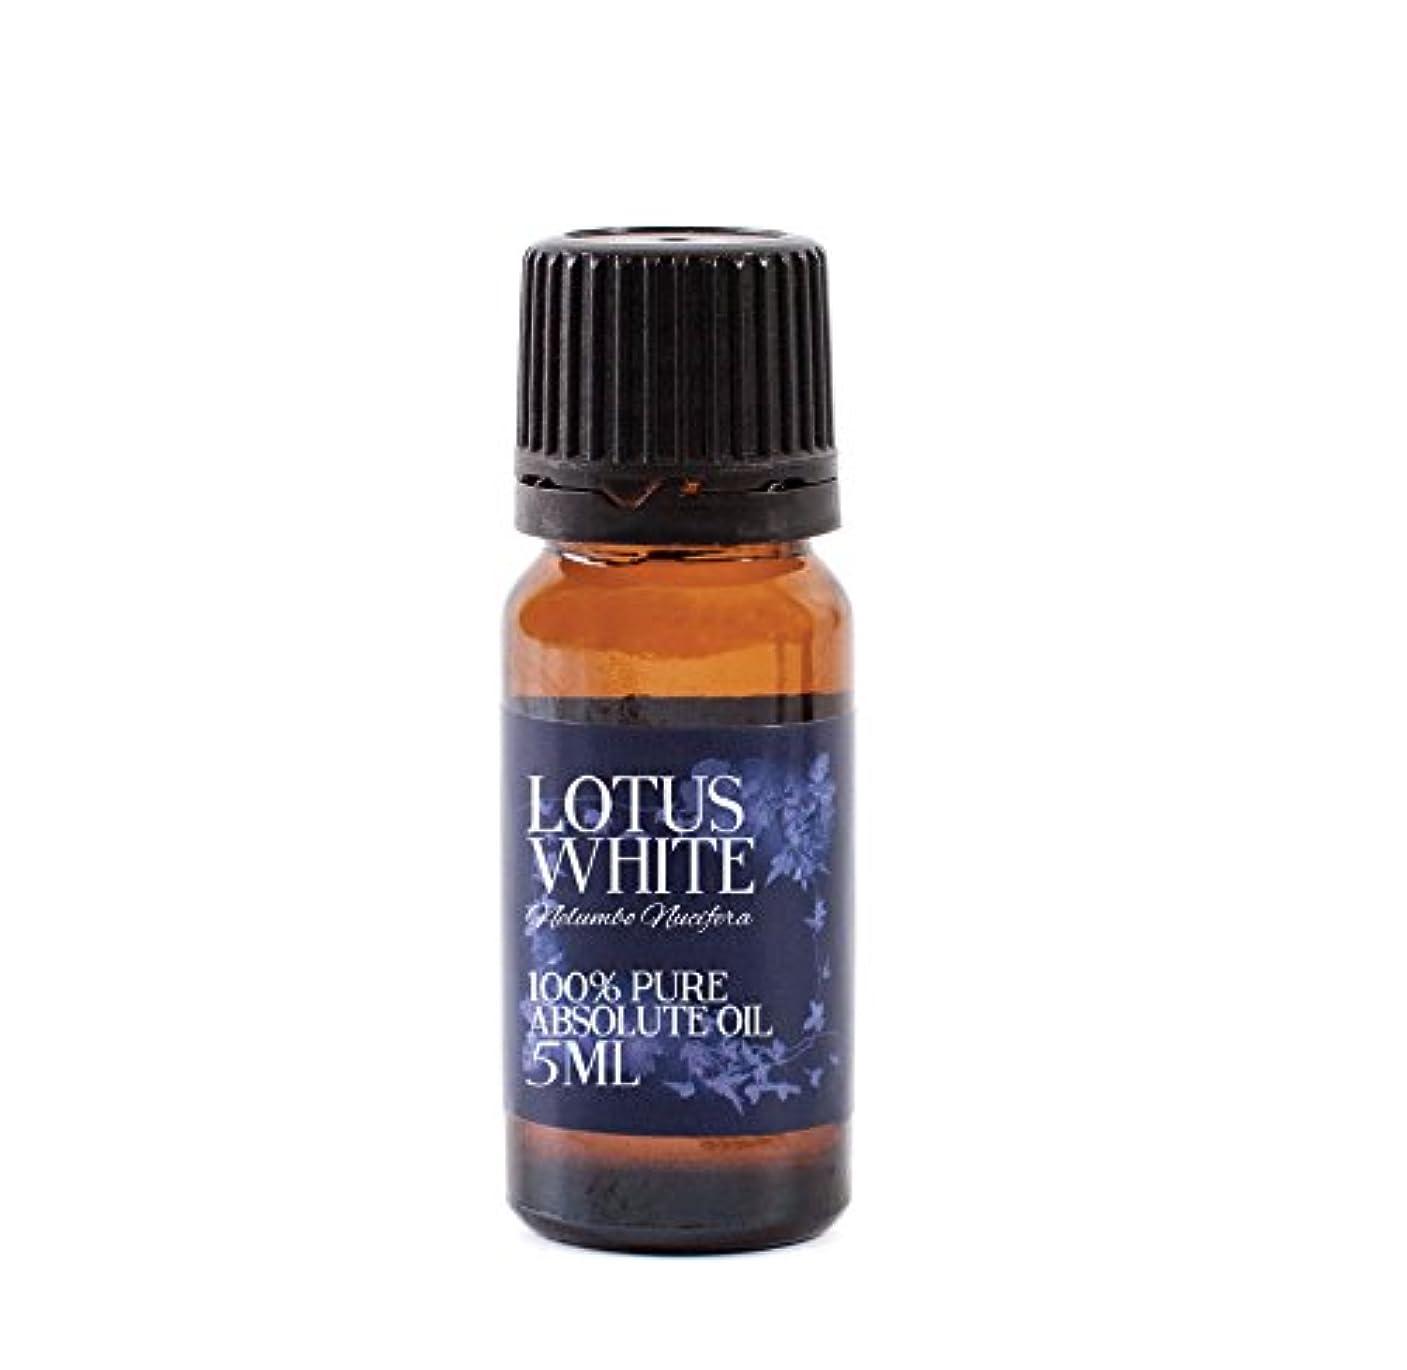 限られた追い払うサーフィンLotus White Absolute 5ml - 100% Pure